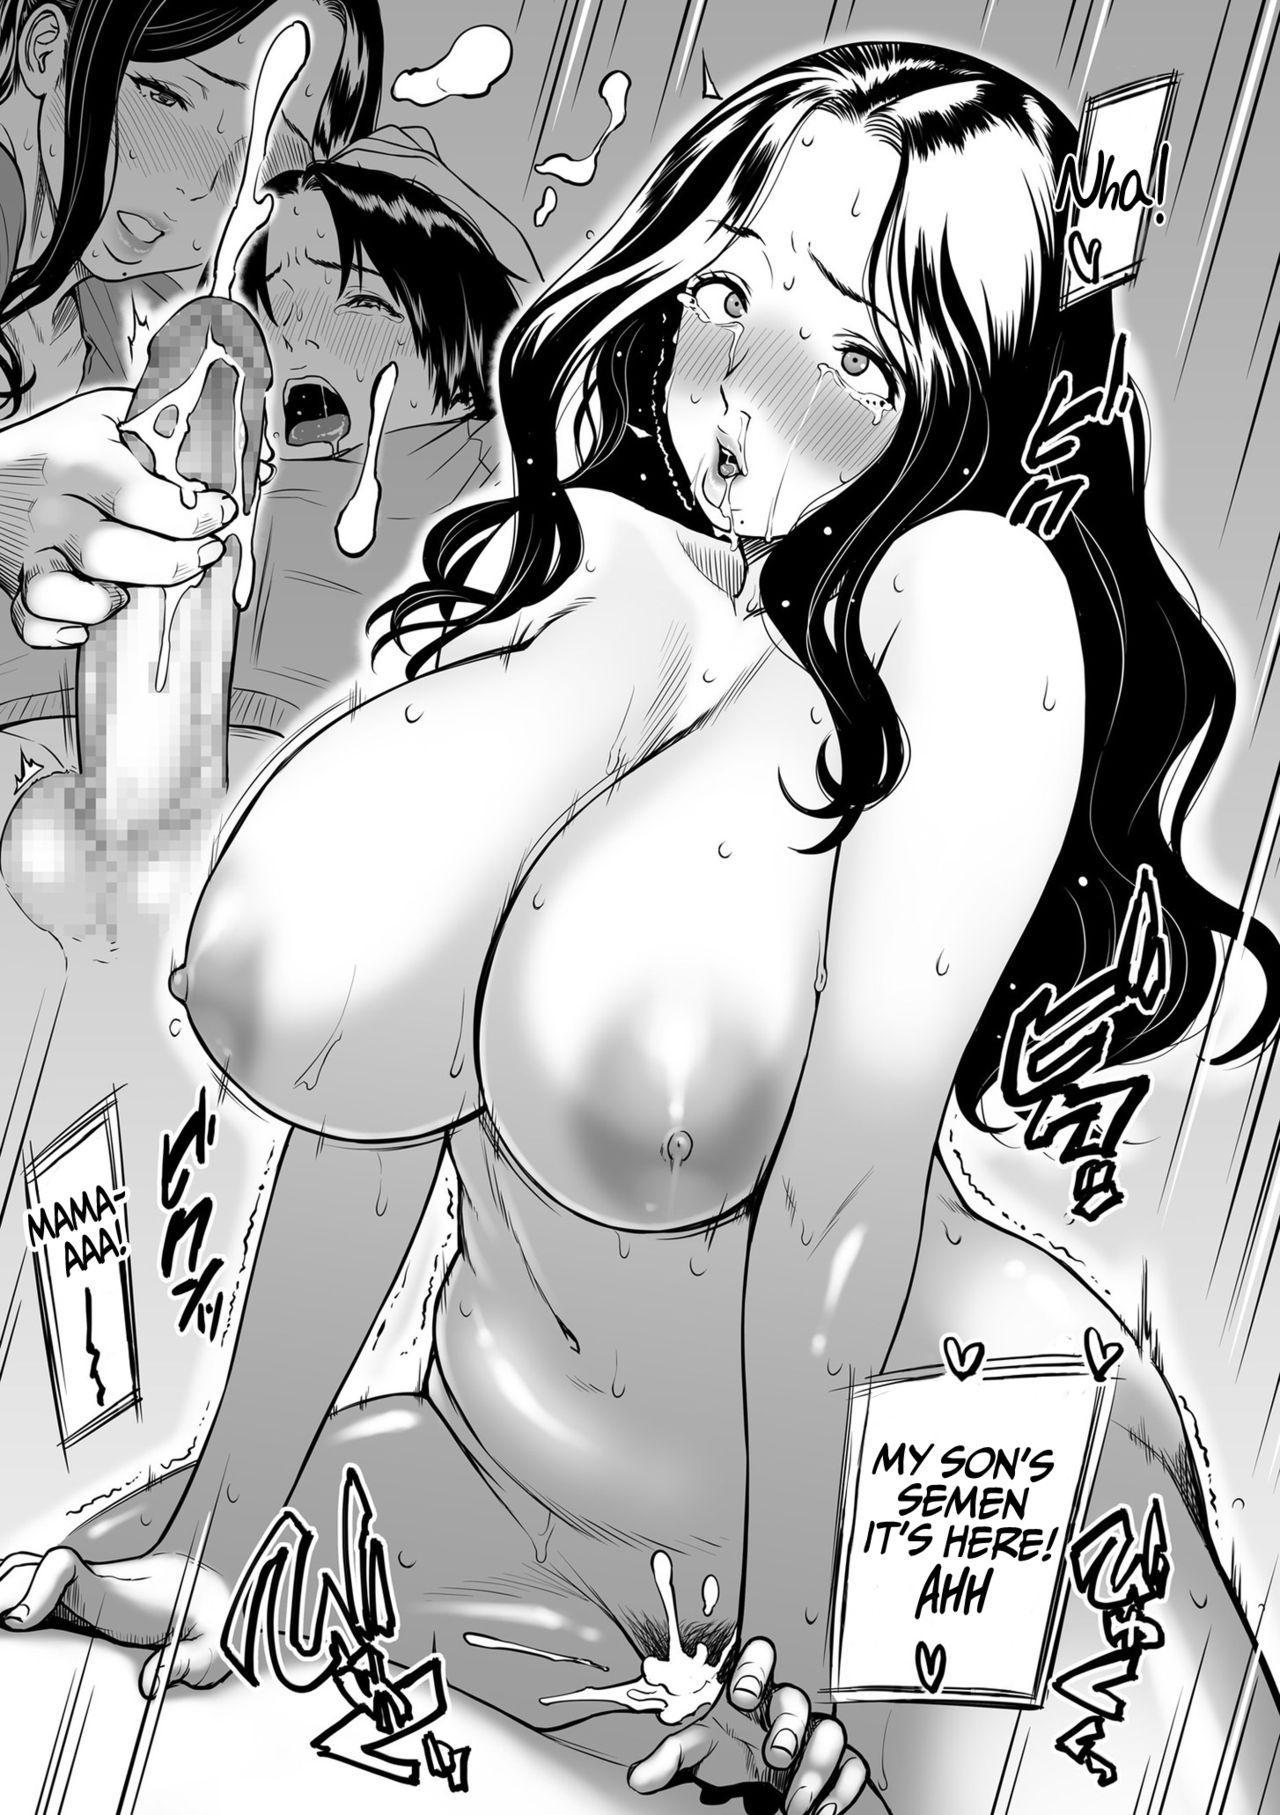 [Tsuzura Kuzukago] Boku no Kaa-san wa AV Joyuu. | My Mom is a Porn Actress 1-2 [English] [Coffedrug] 16